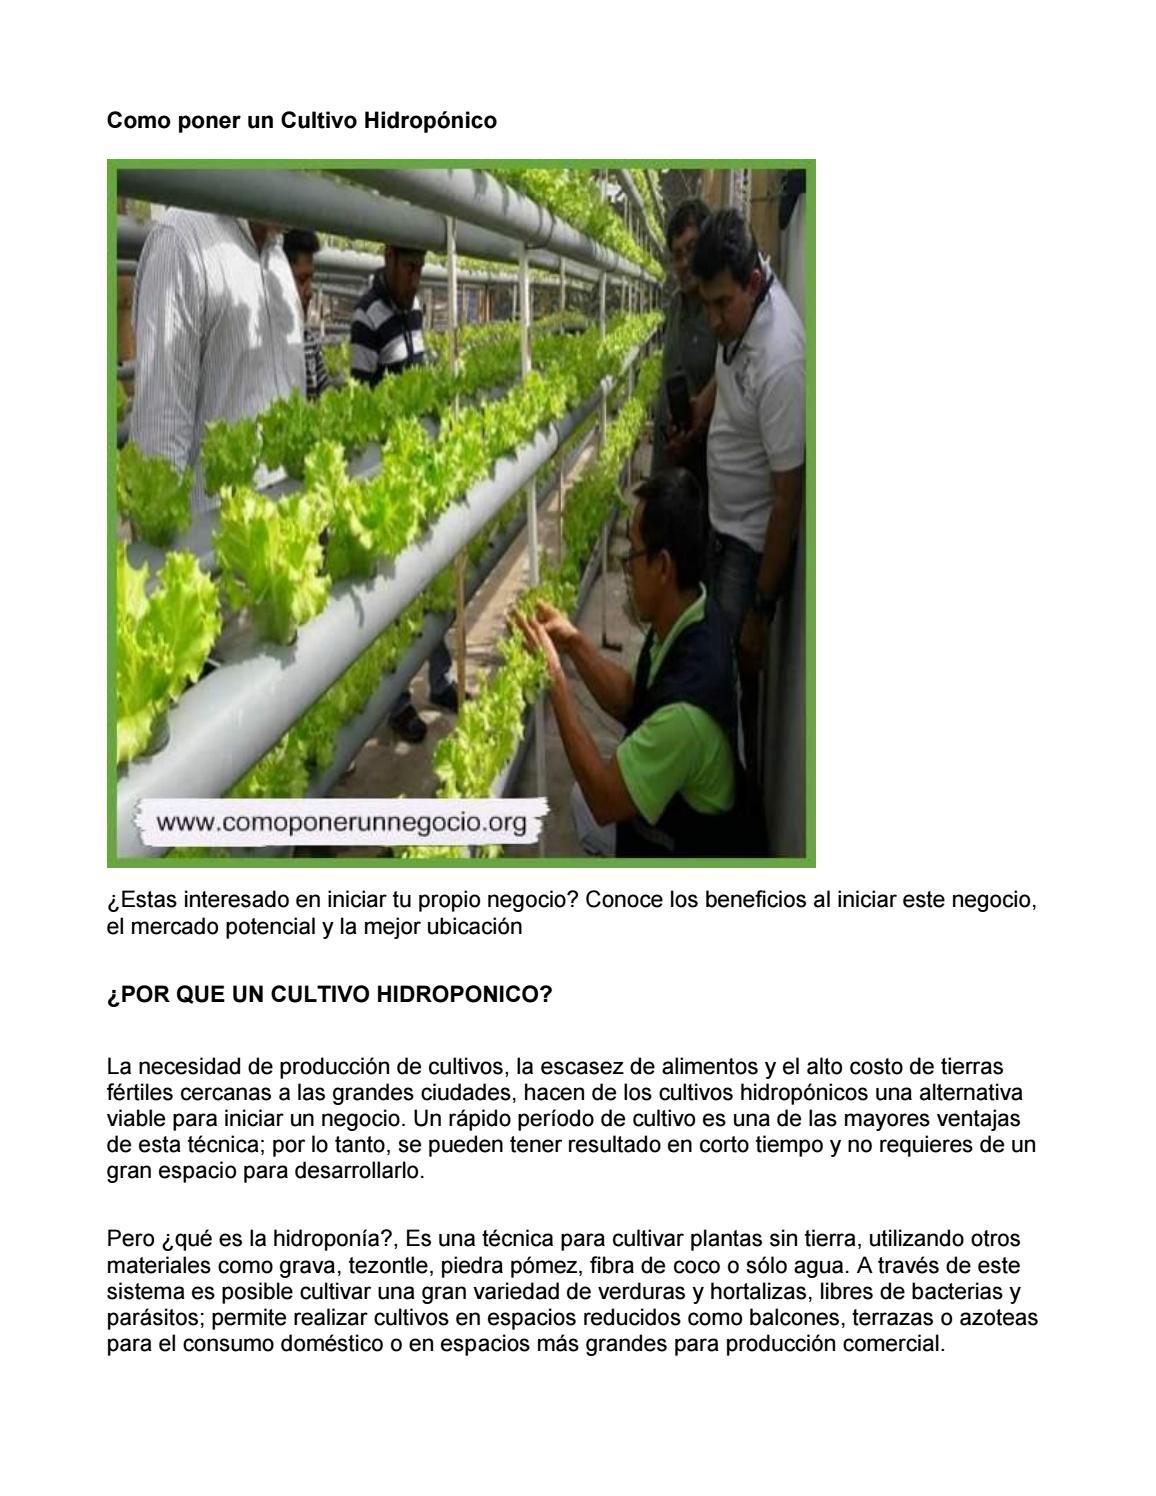 Como Poner Un Cultivo Hidropónico By Guiaparanegocio Issuu